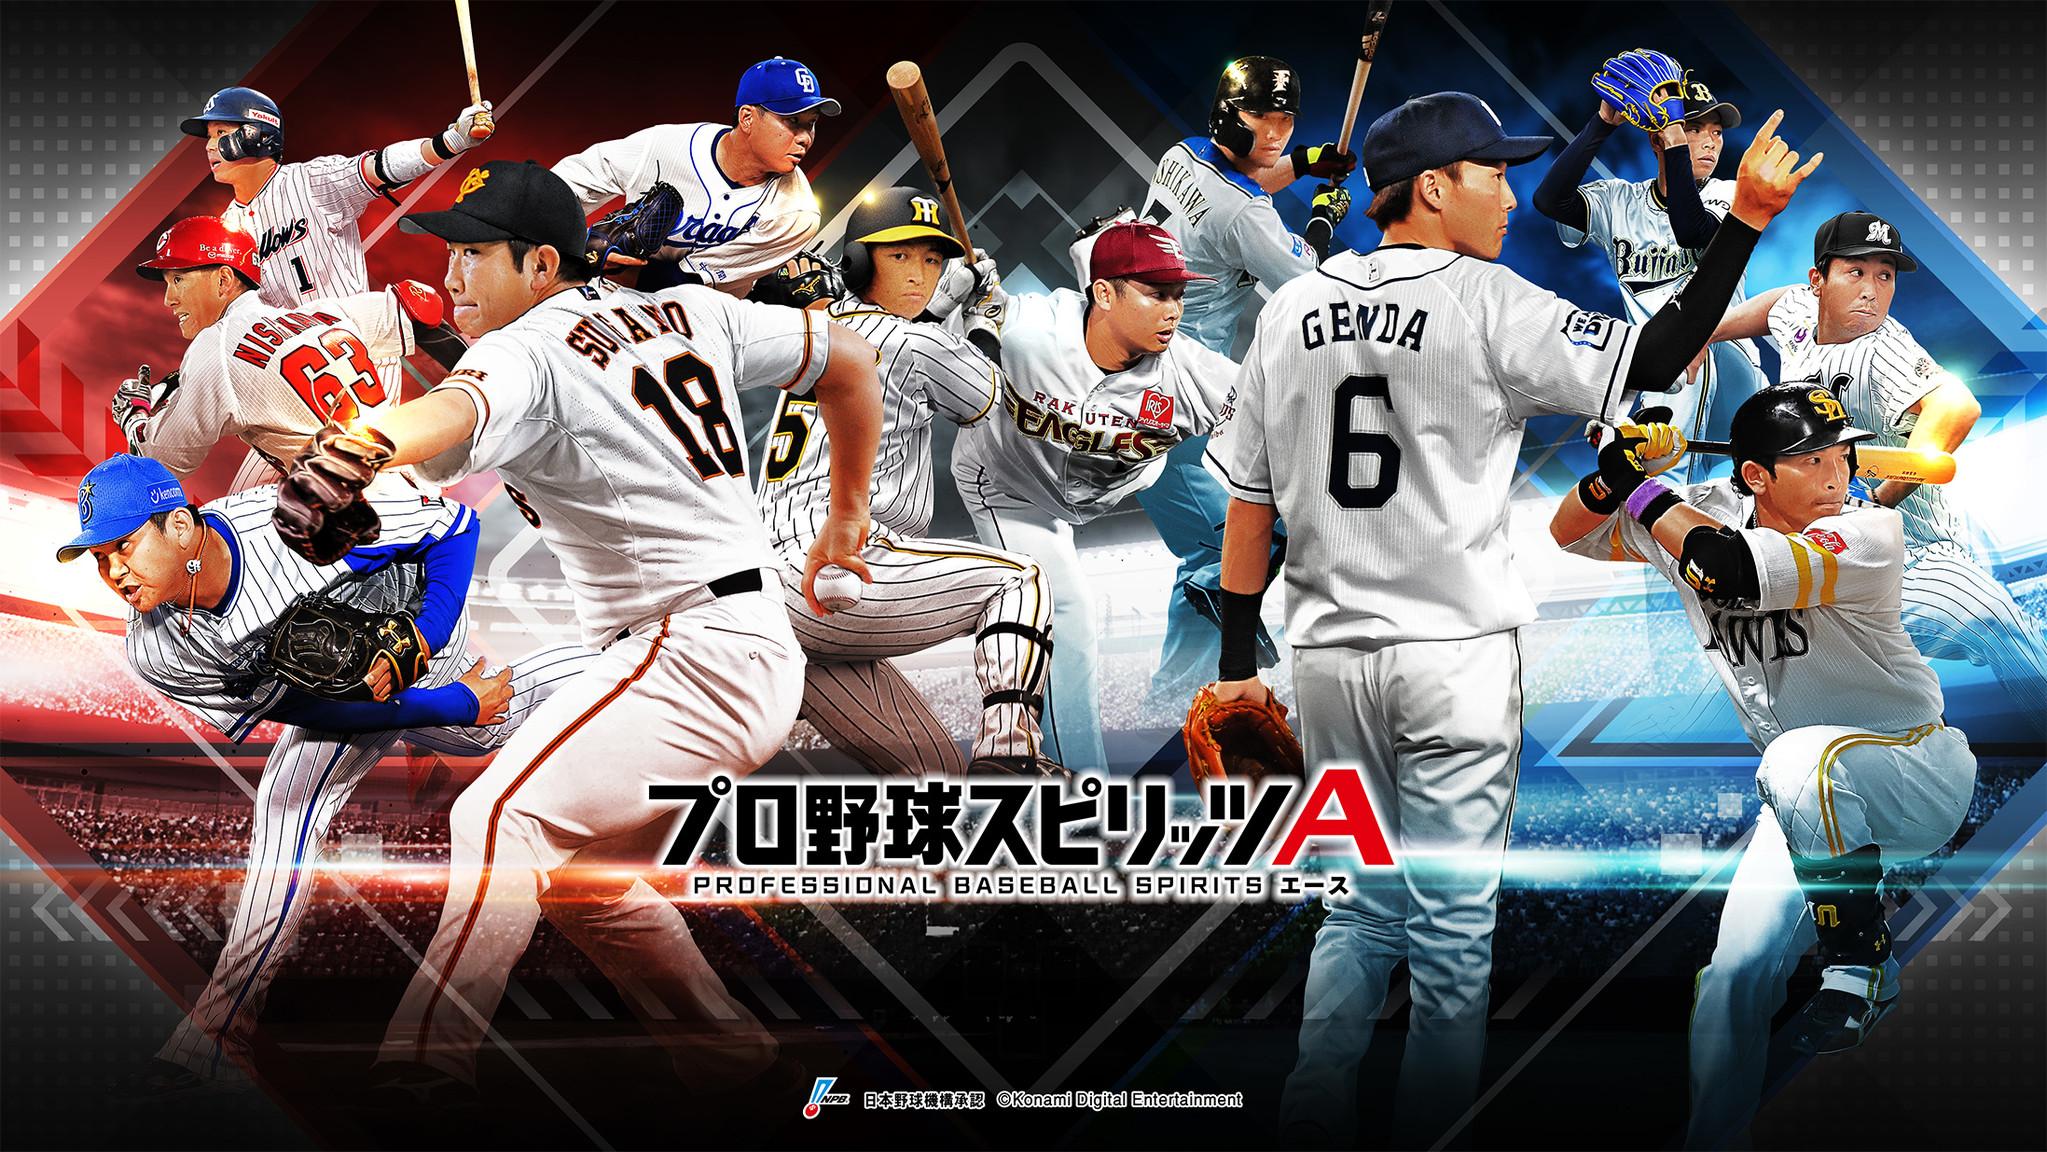 2020 プロスピ a 【プロスピA】侍ジャパン選手(2020年)の一覧と当たり選手